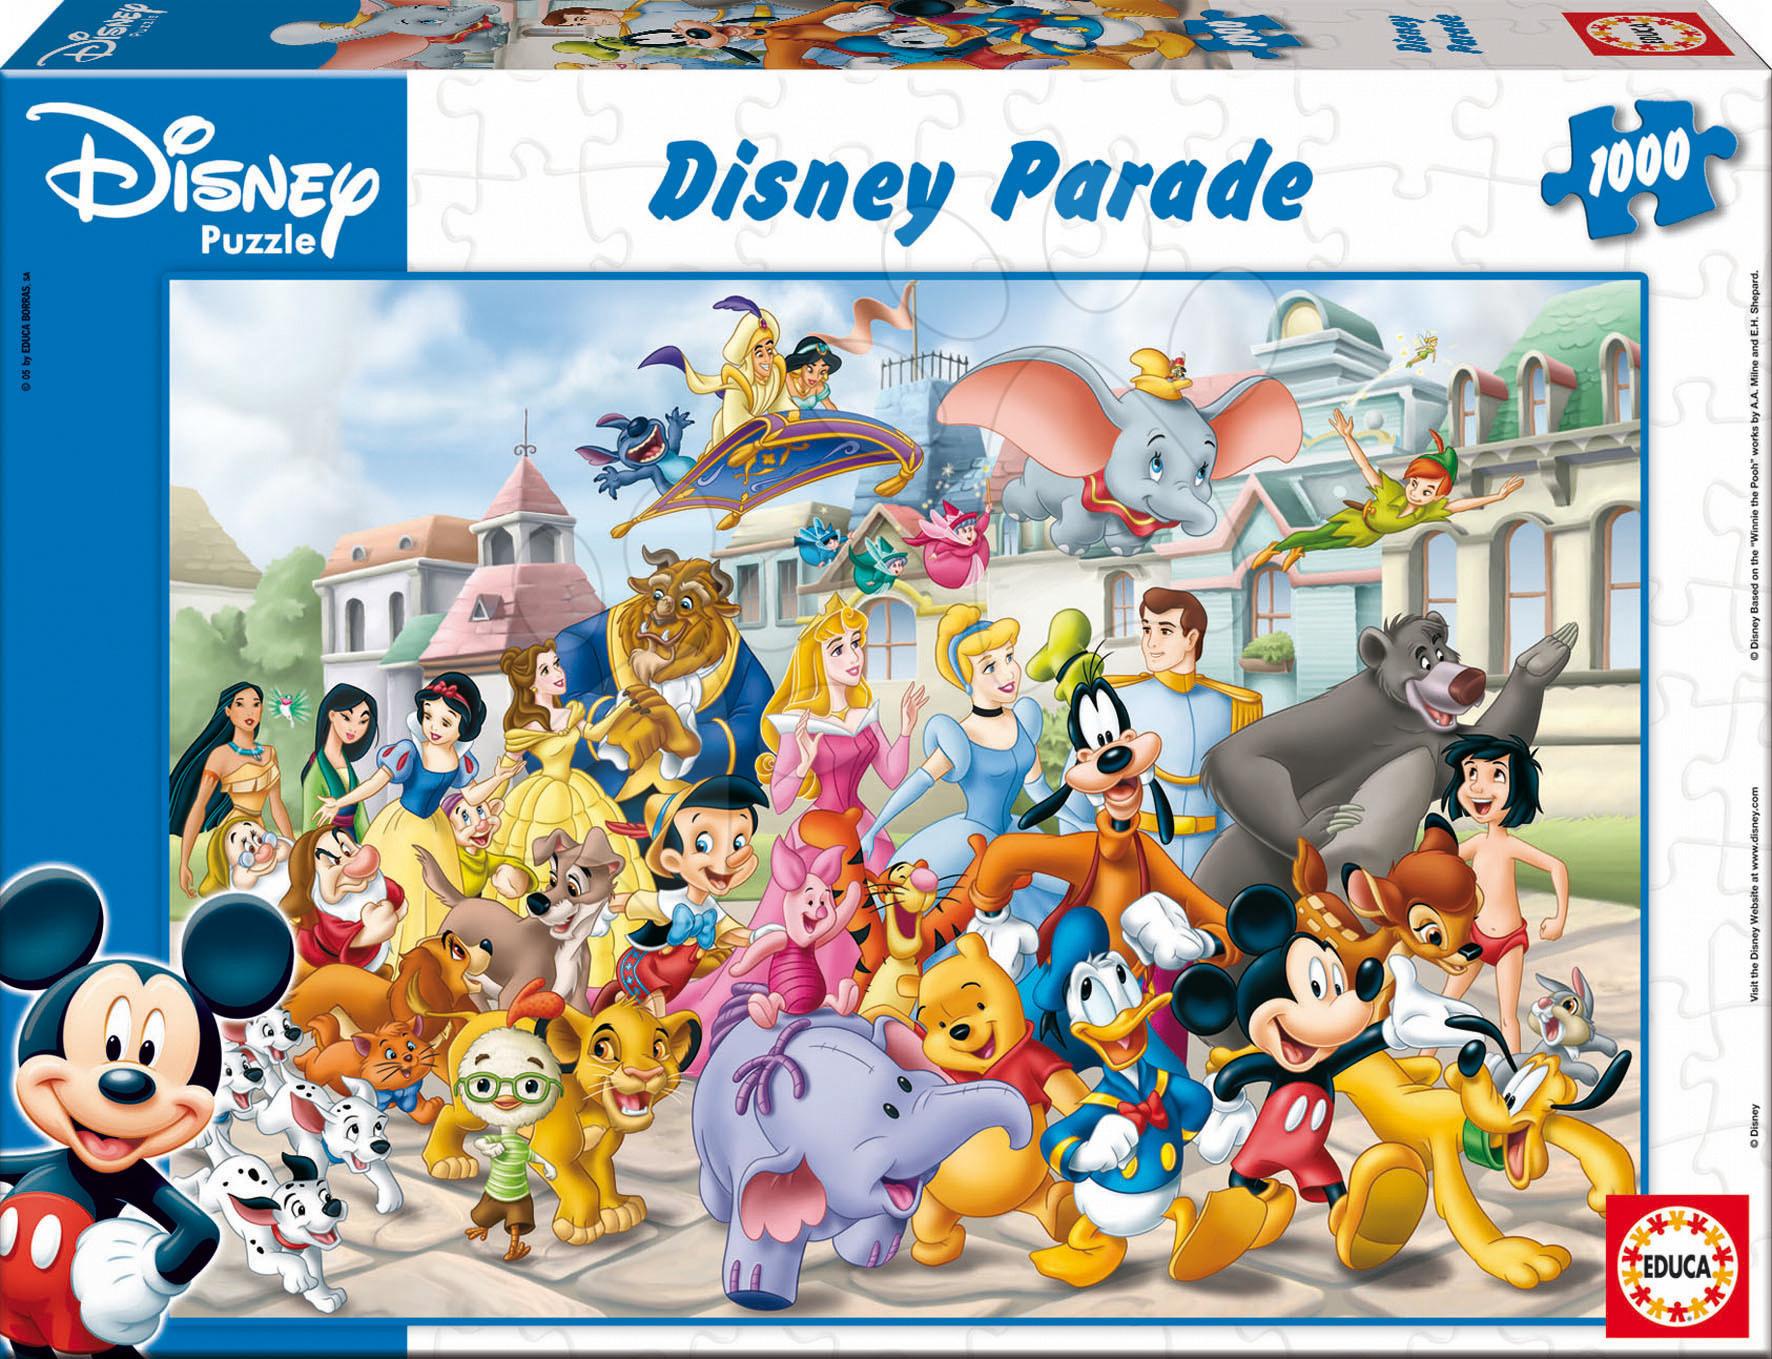 Puzzle Disney Parade Educa 1000 dielov od 12 rokov